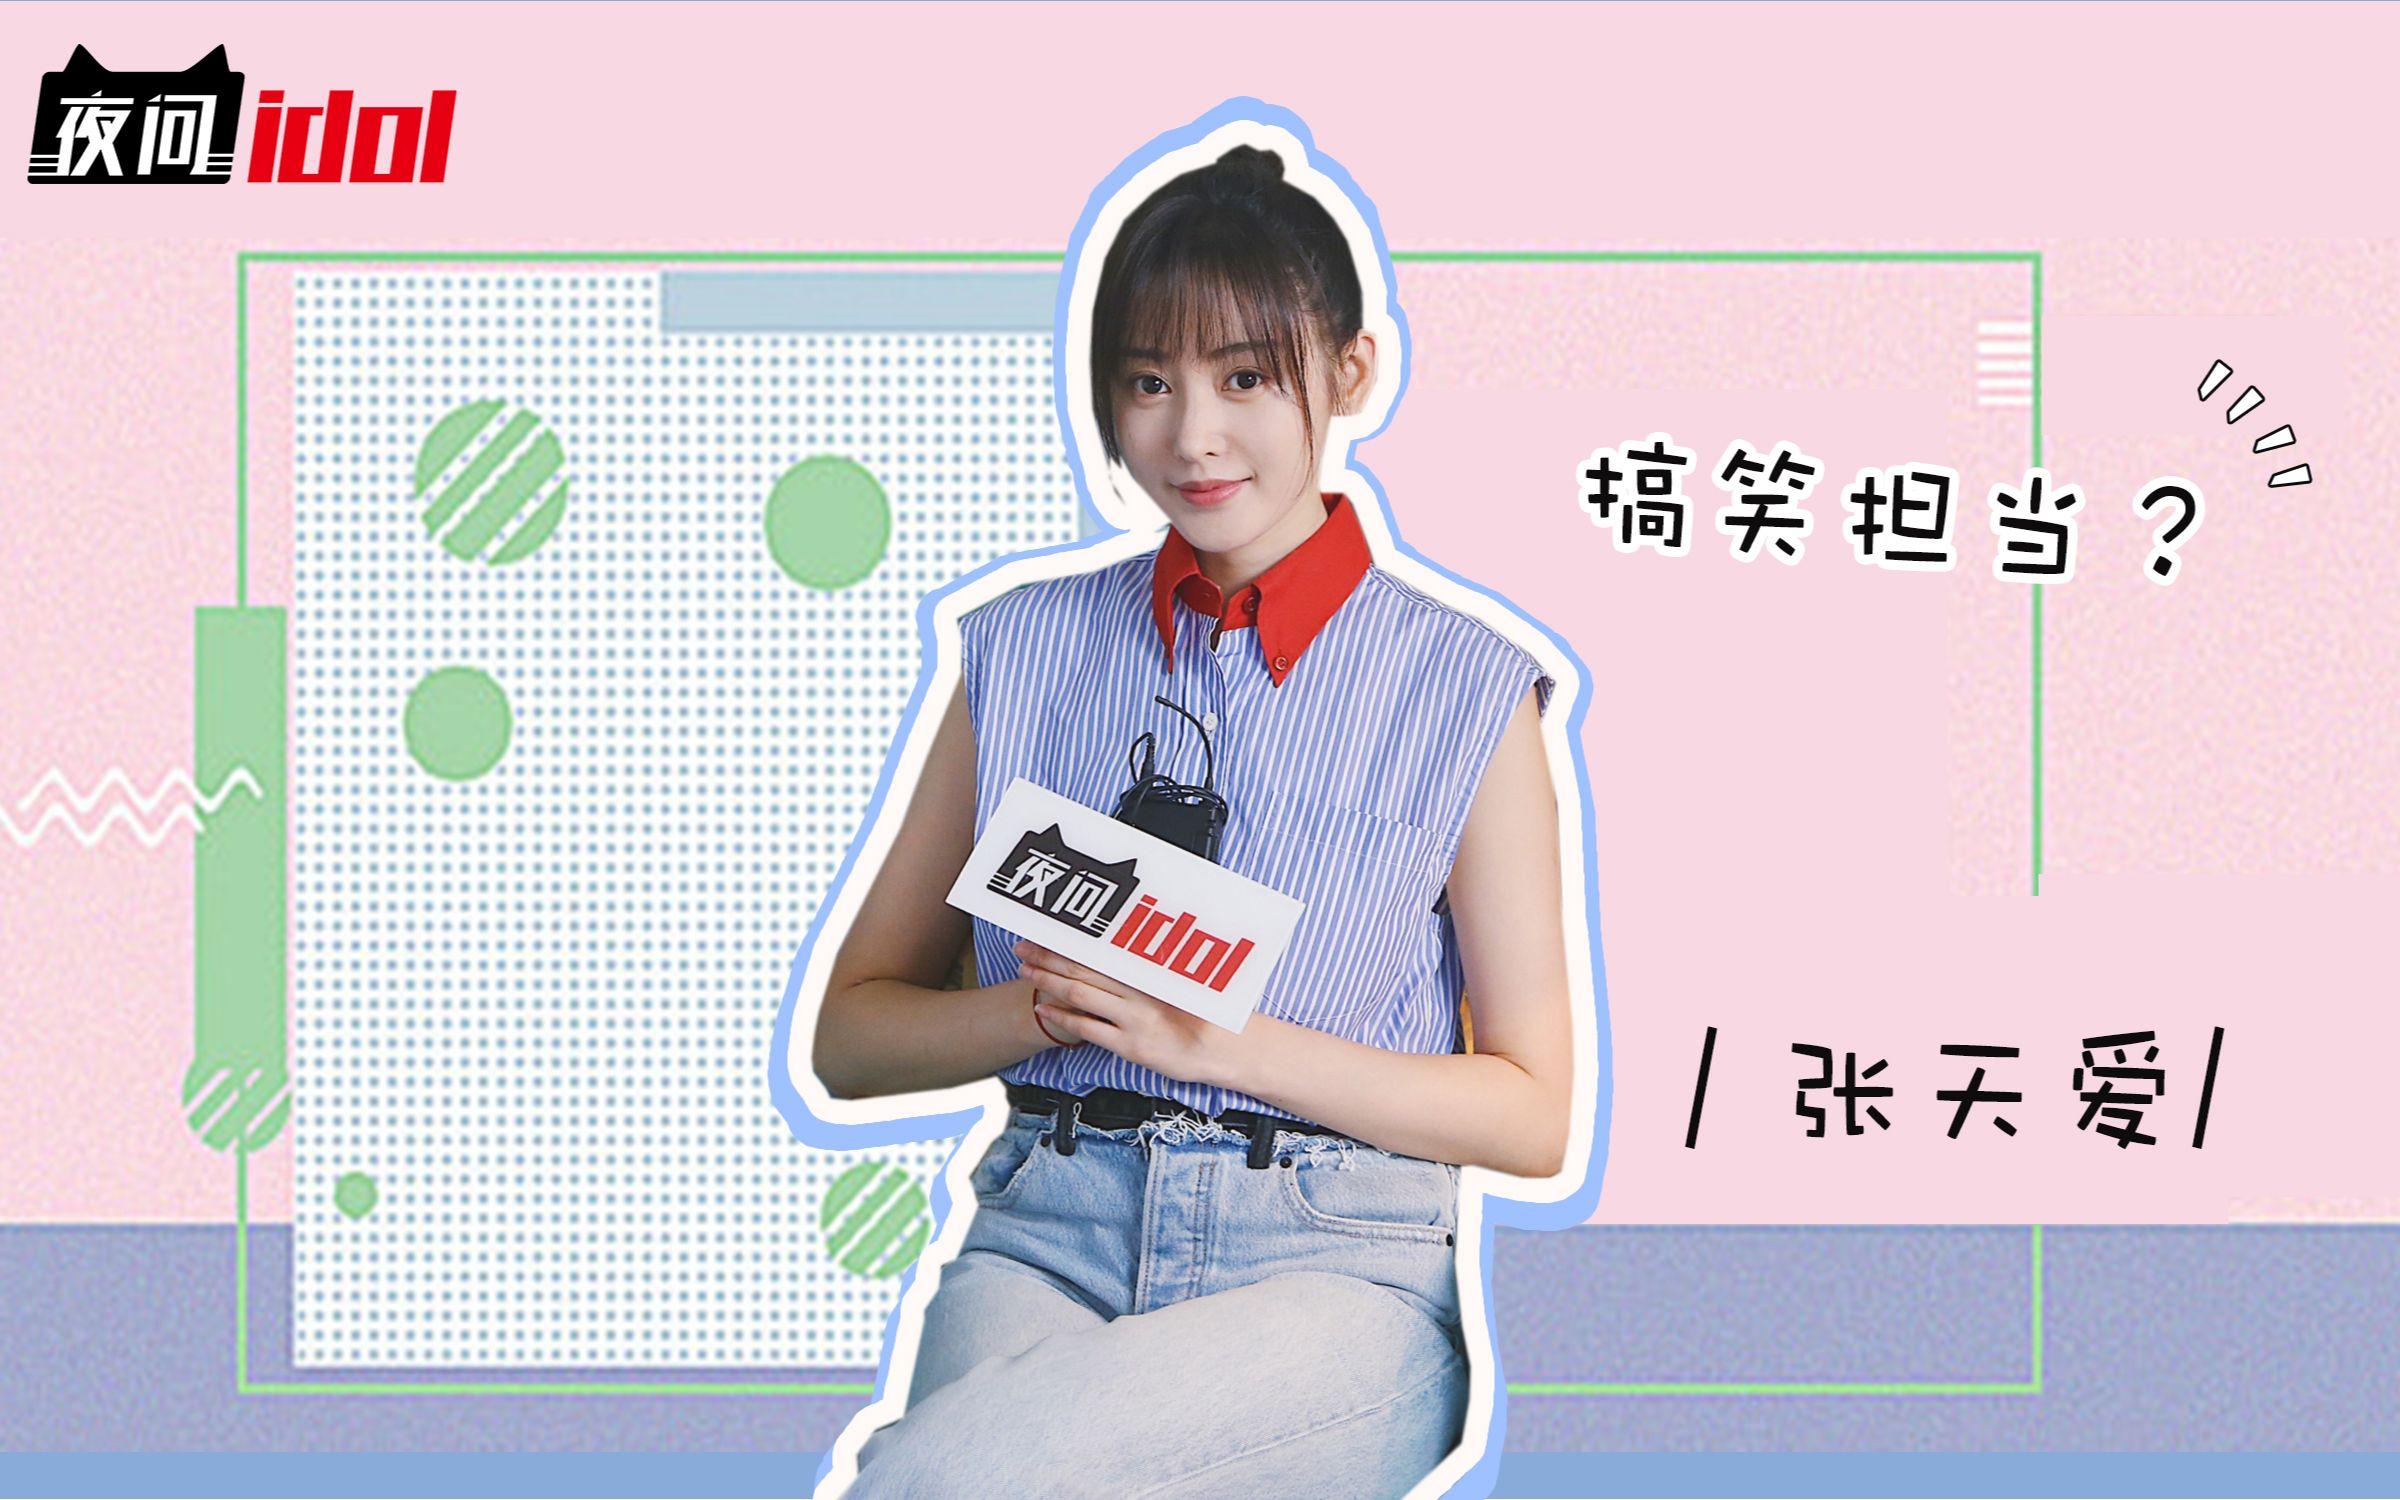 张天爱现场模仿陈柏霖的台湾腔,女汉子新戏竟成搞笑担当?